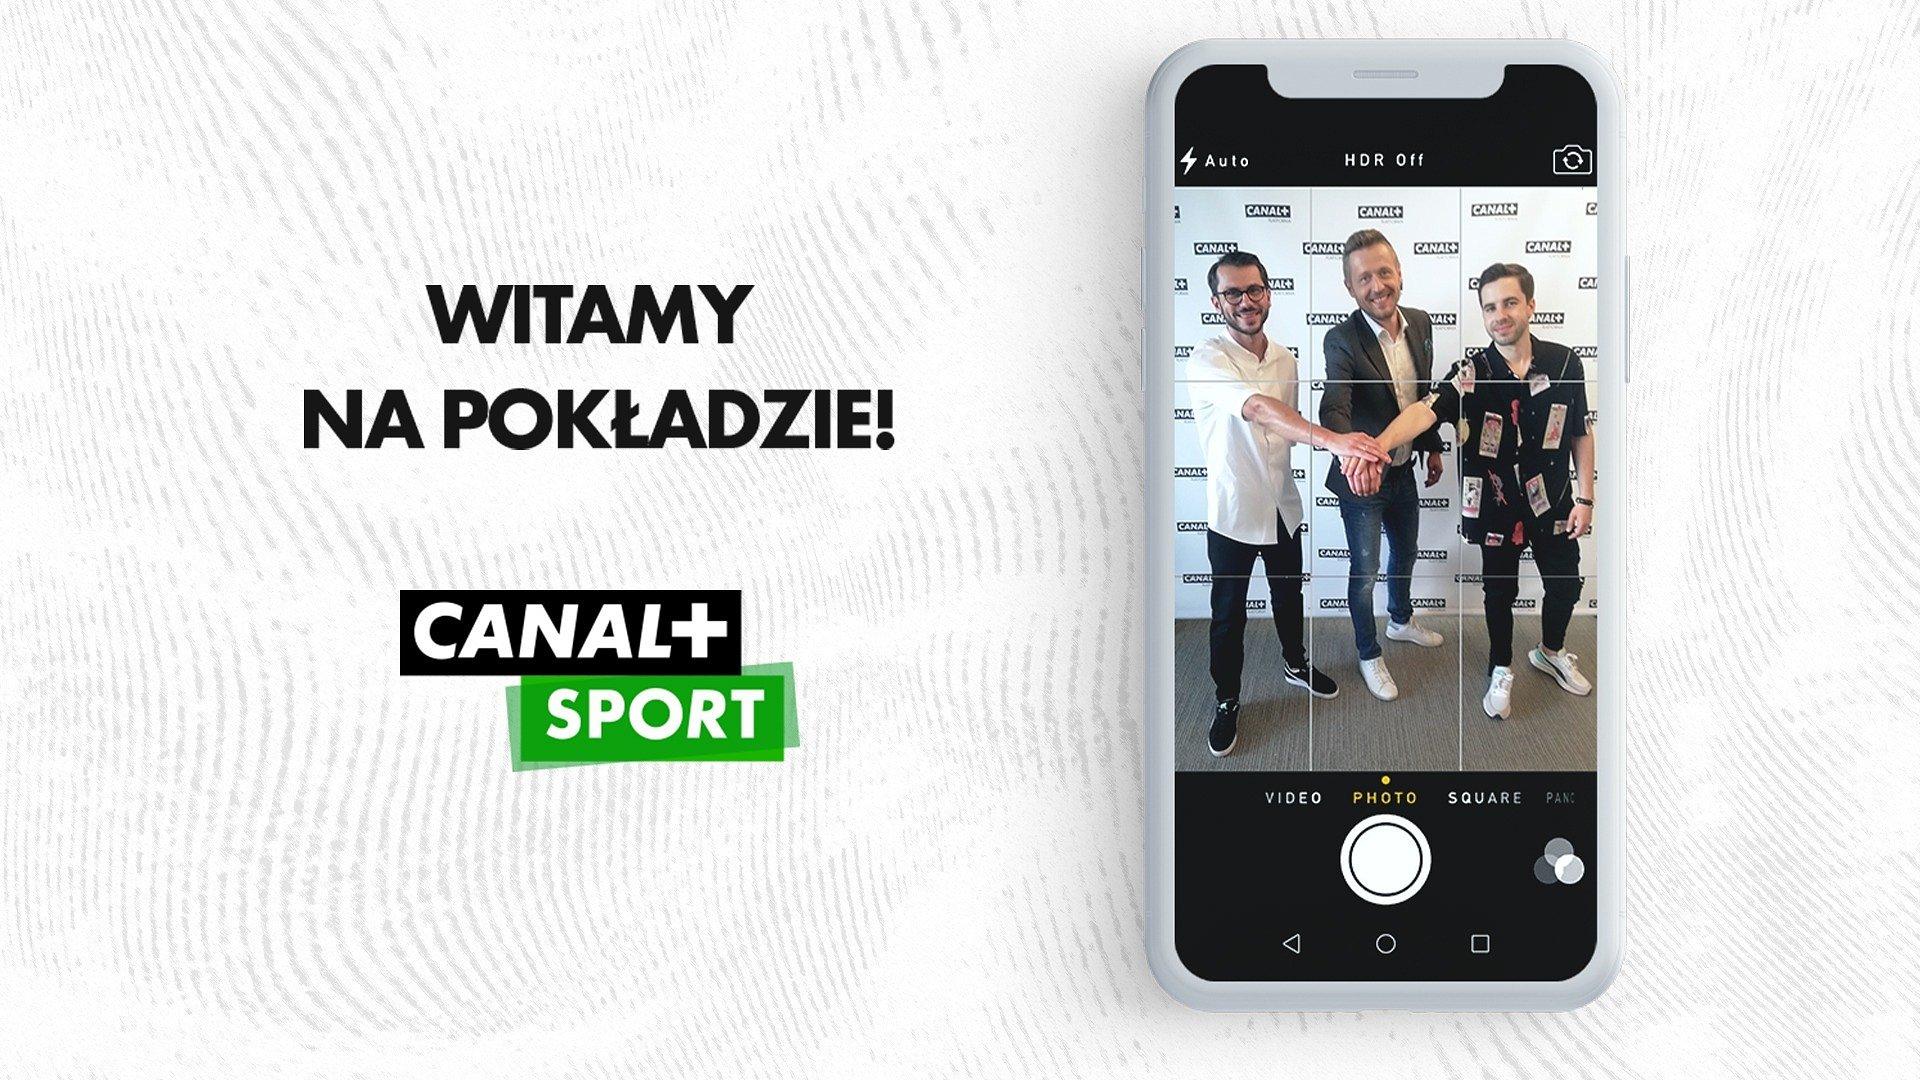 Łukasz Wiśniowski i Jakub Polkowski dołączają do CANAL+